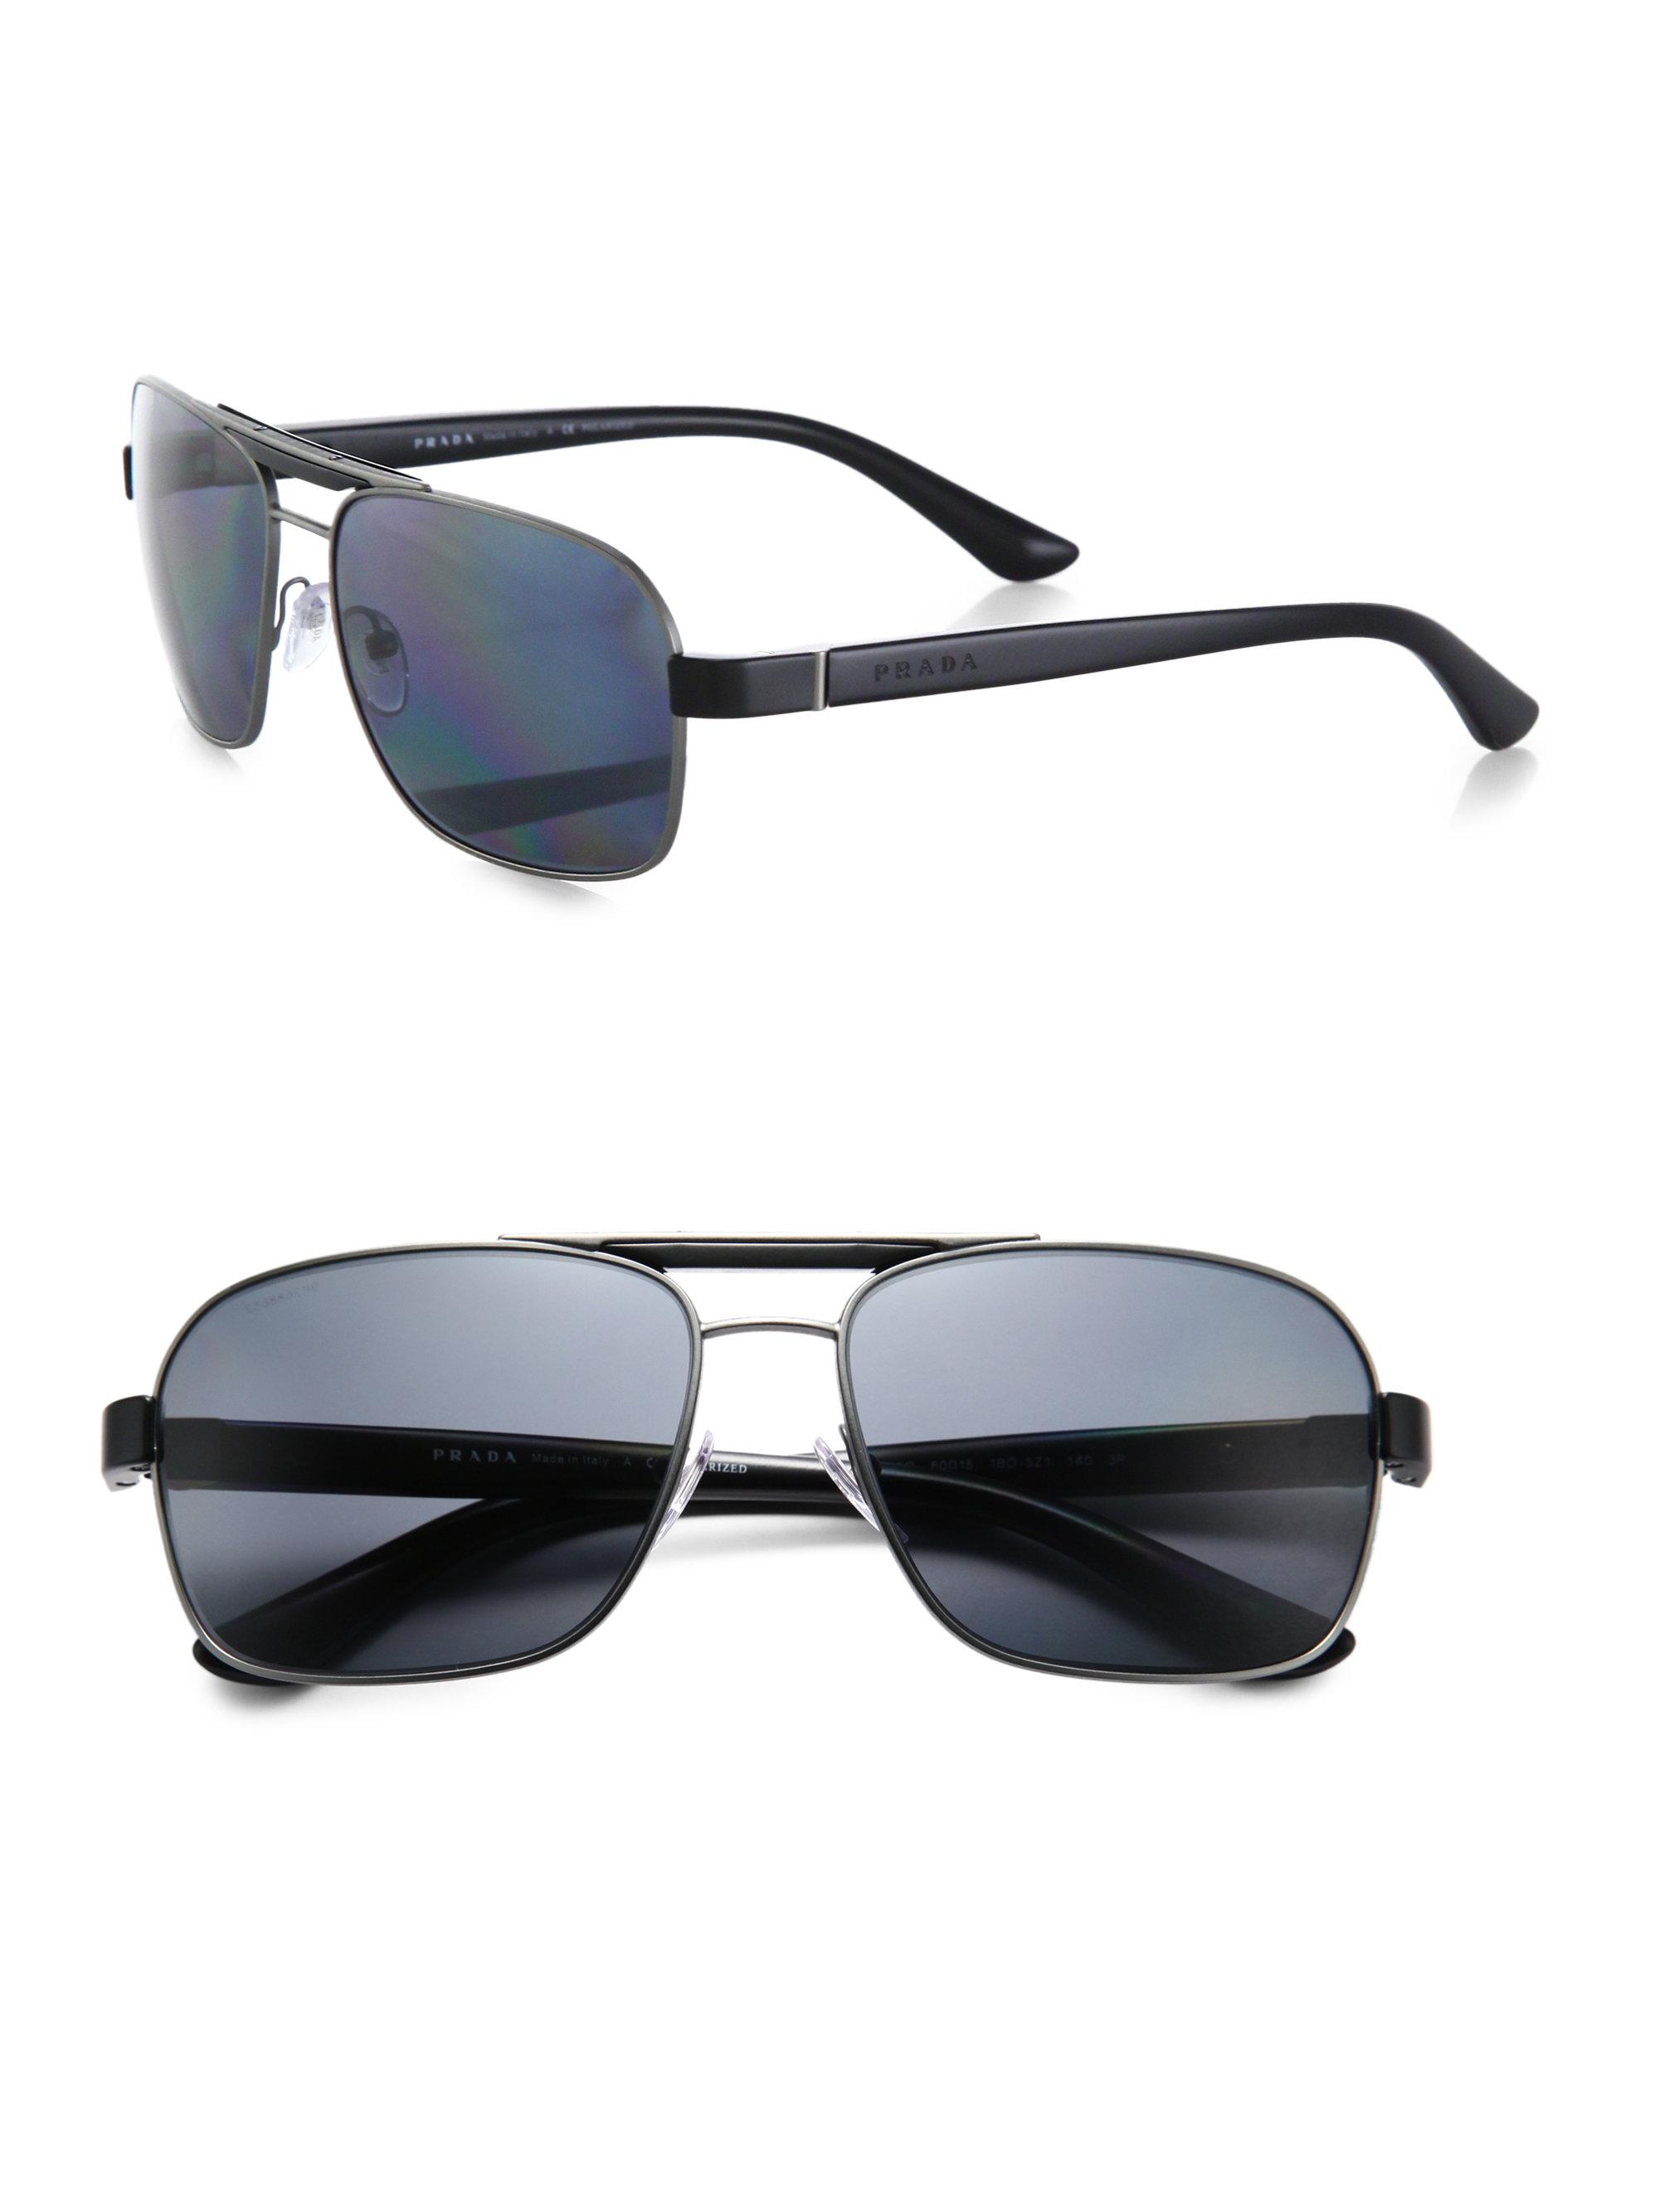 a98784655f7 clearance lyst prada triangle aviator sunglasses in black for men 2e7e6  8a663